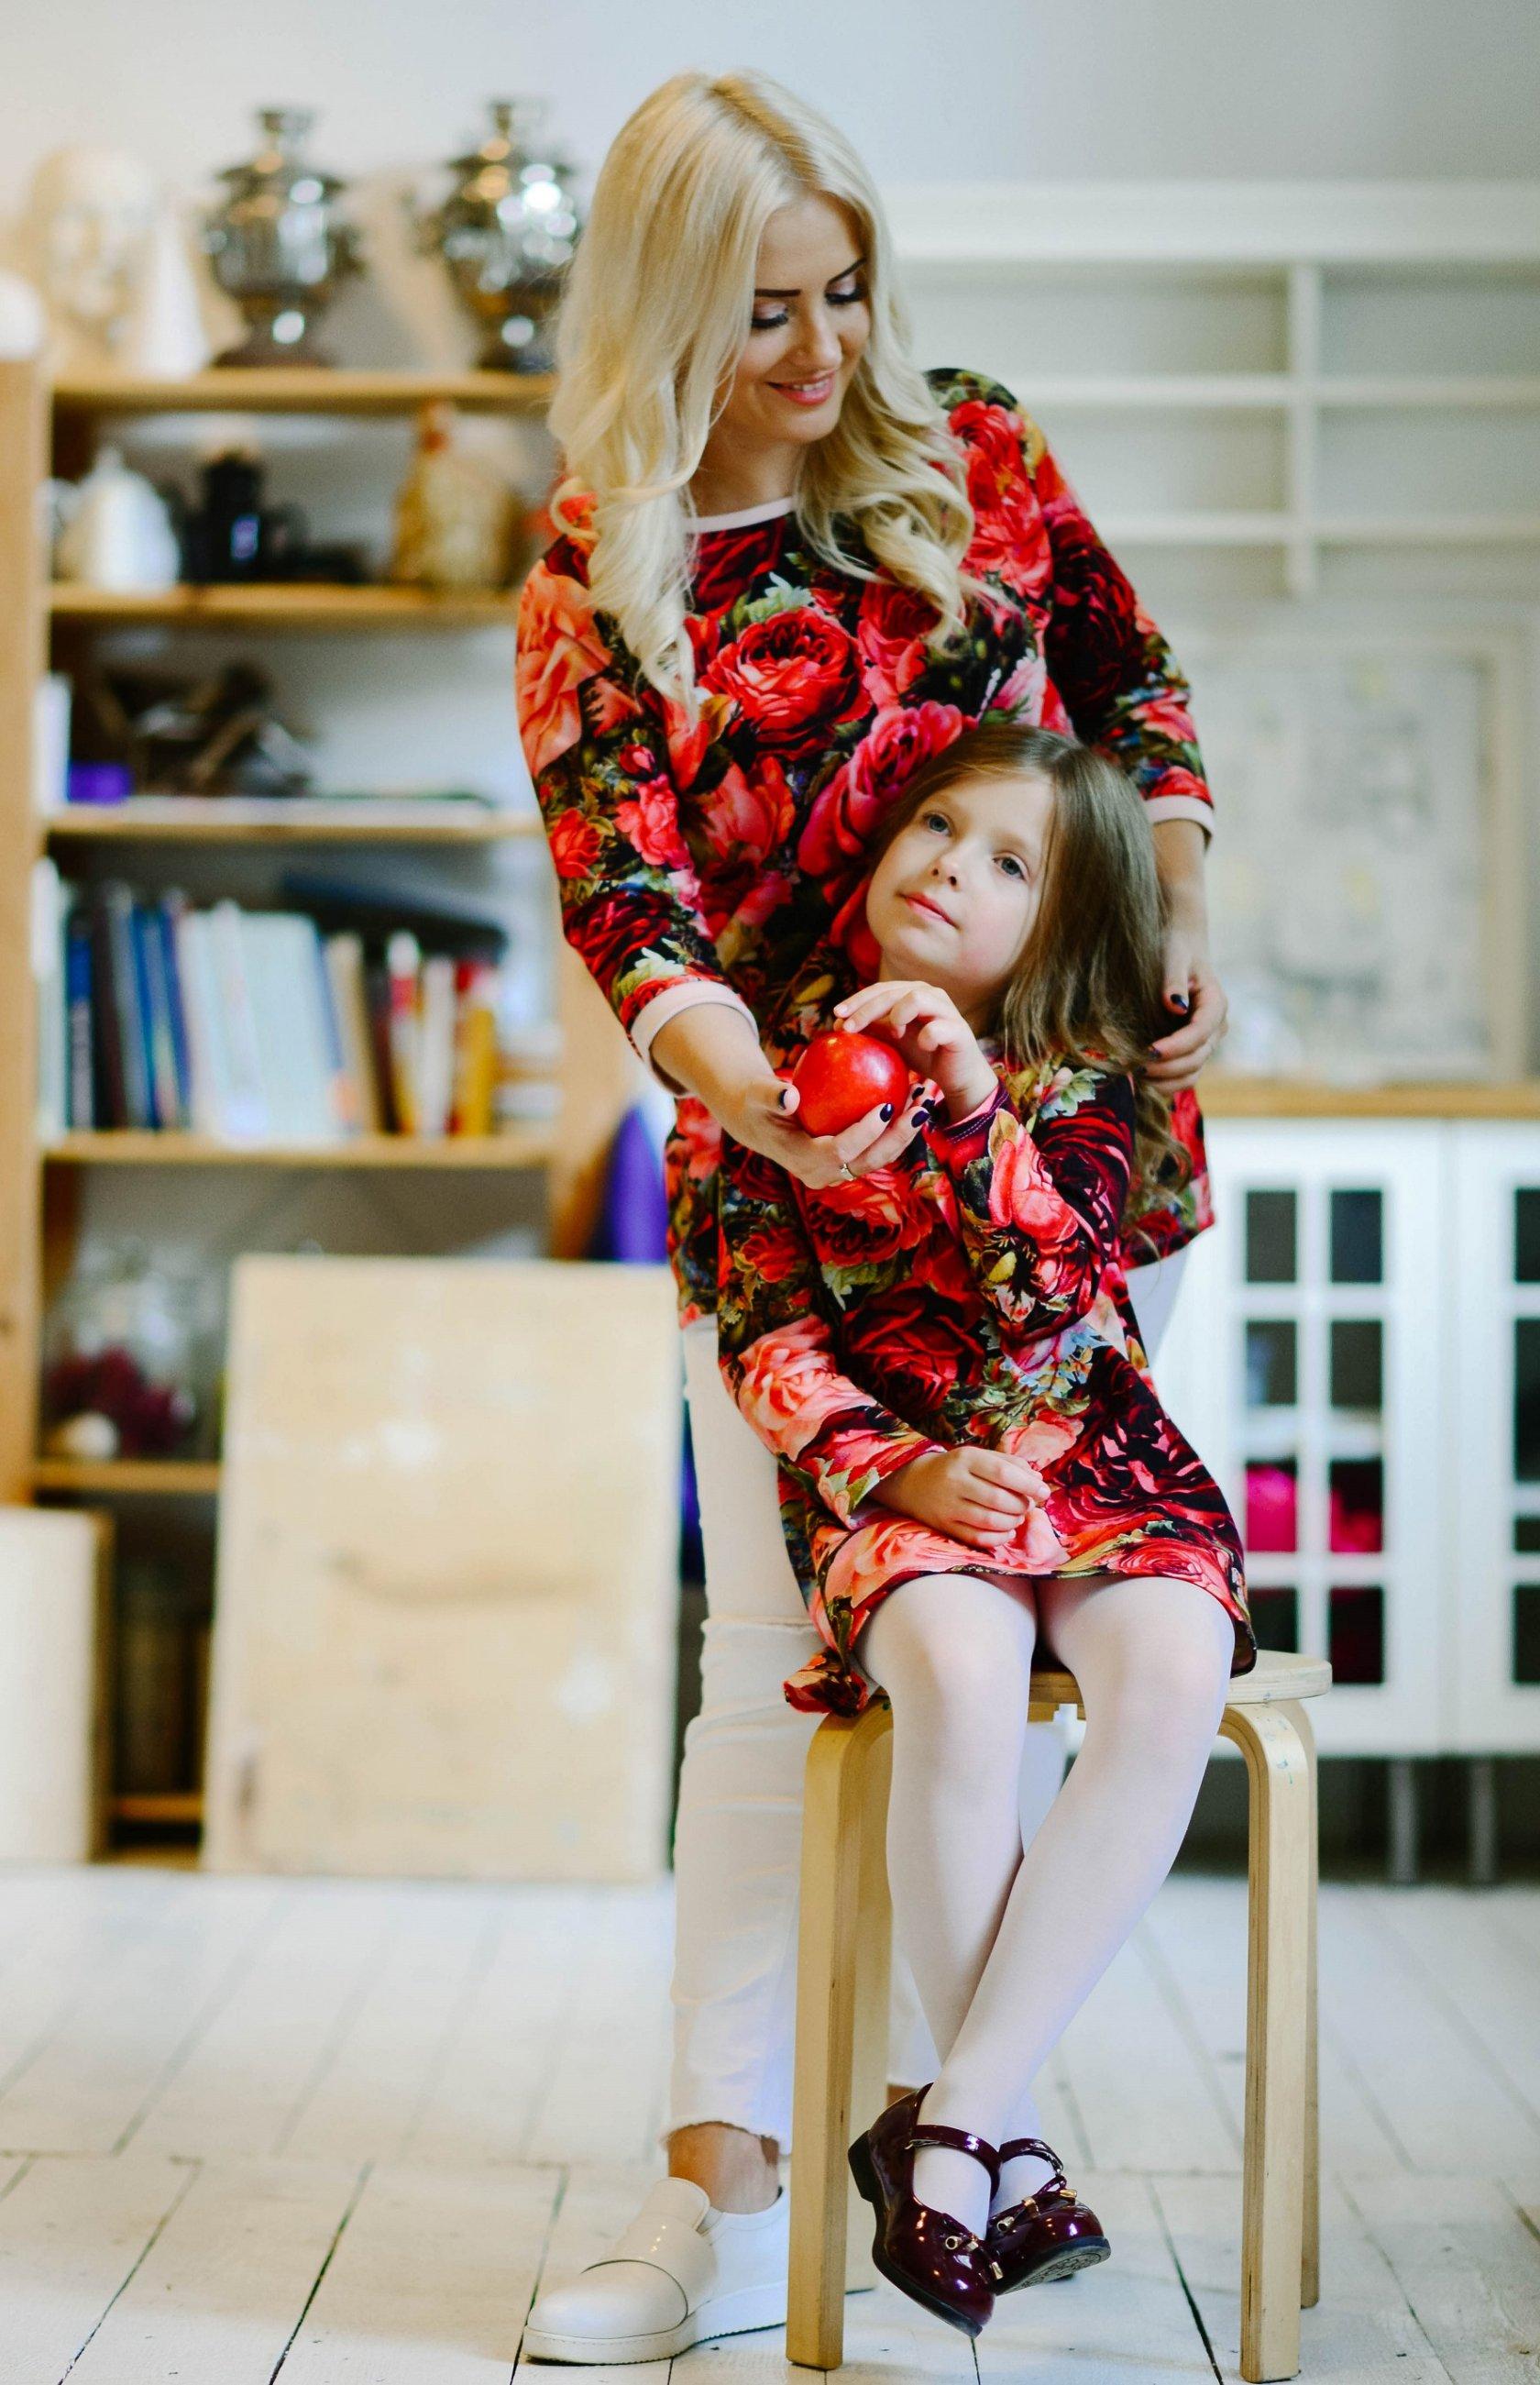 Mamma fashion negozi italia Tutto per le mamme in dolce attesa - Prnatal Store Online